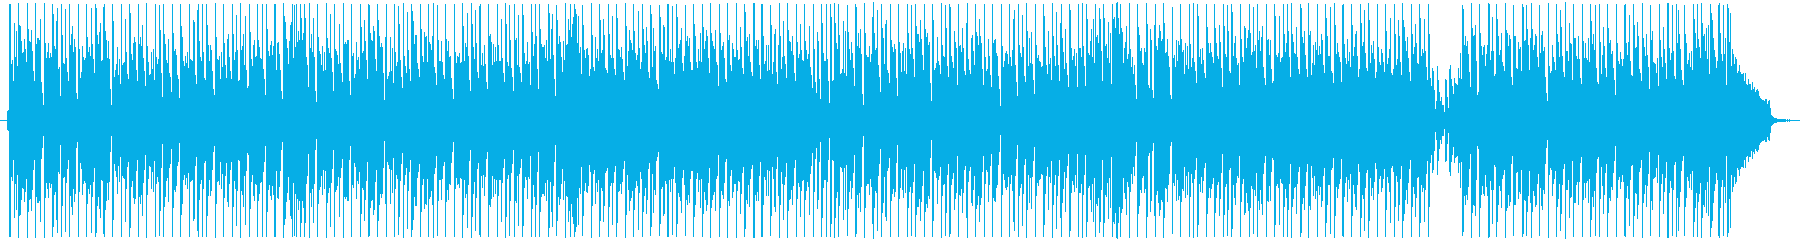 軽快でコミカル、楽しいBGMの再生済みの波形